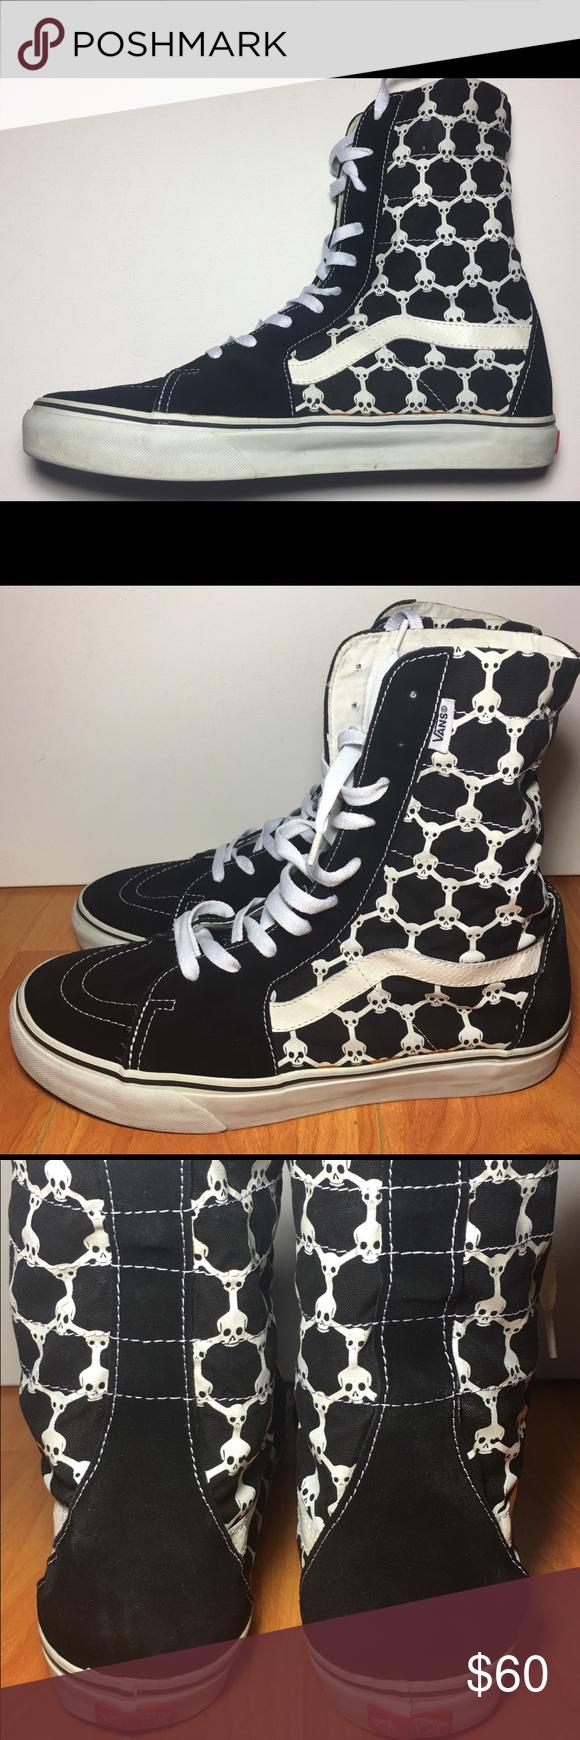 Rare Custom Vans SK8 Hi Skull Black High Top Shoes